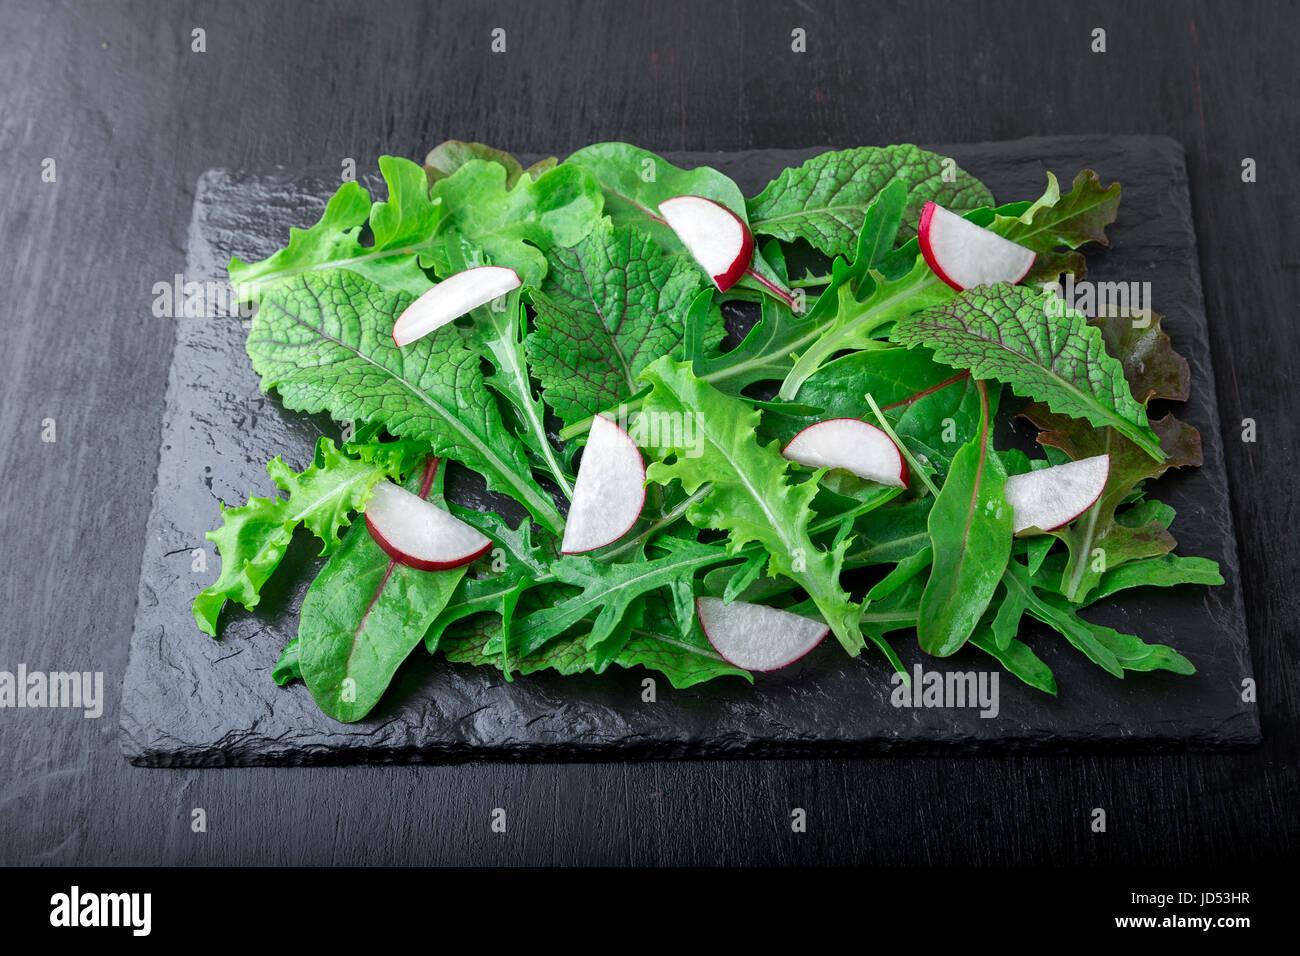 Ensalada mixta con hojas de rábano negro placa de pizarra. Closae arriba Foto de stock